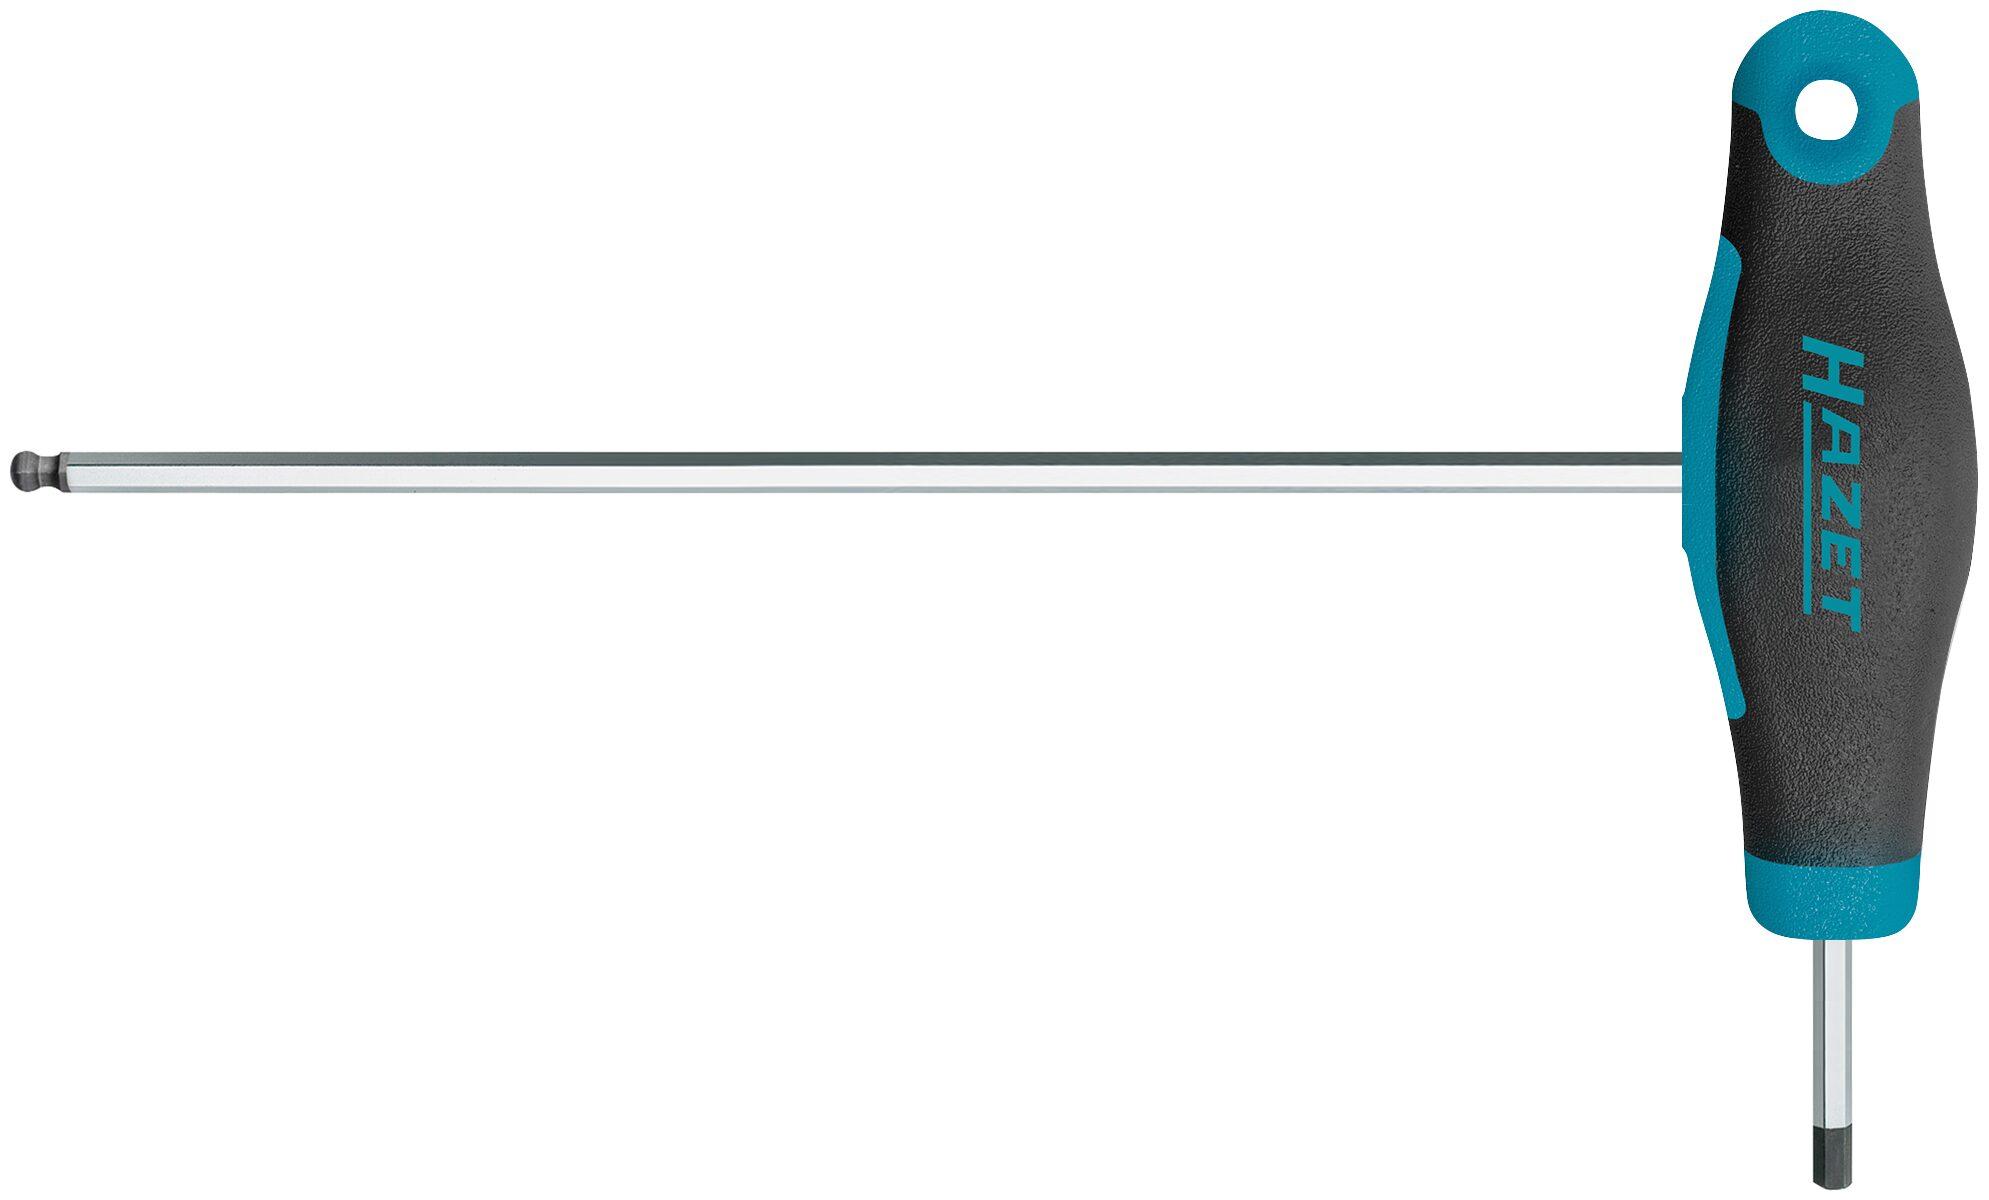 HAZET Schraubendreher ∙ mit T-Griff 829KK-2.5 ∙ Innen-Sechskant Profil ∙ 2.5 mm